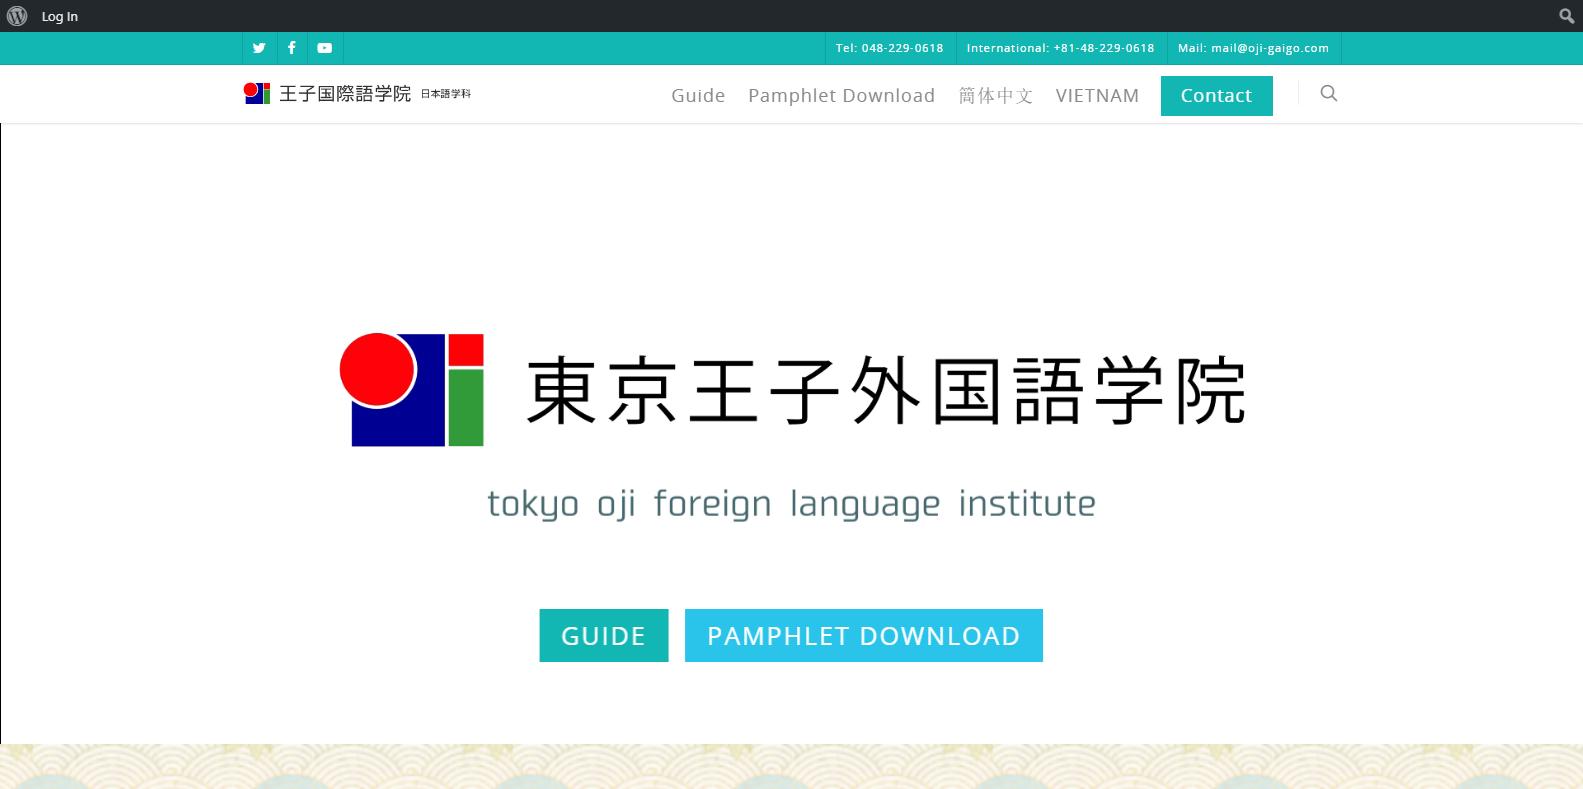 Tokyo Oji Foreign Language Institute